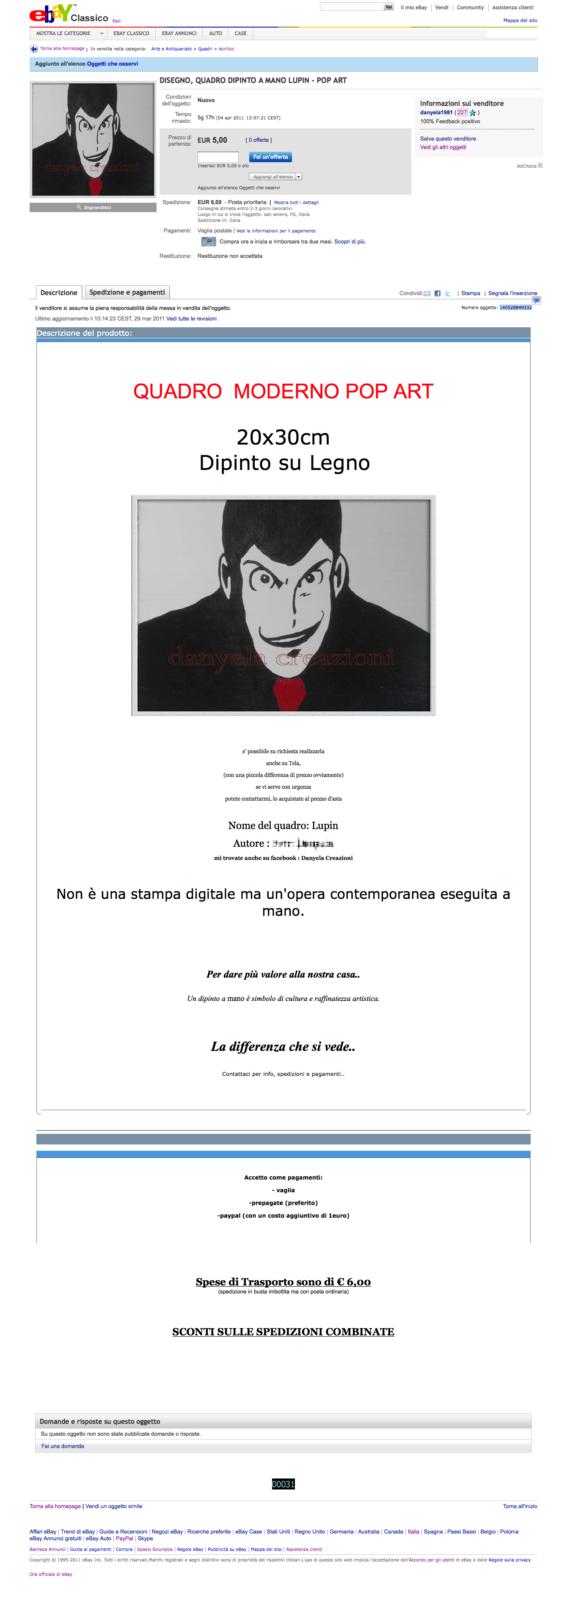 DISEGNO-QUADRO-DIPINTO-A-MANO-LUPIN-POP-ART-su-eBay.it-Acrilico-Quadri-Arte-e-Antiquariato_1301419321964_mod